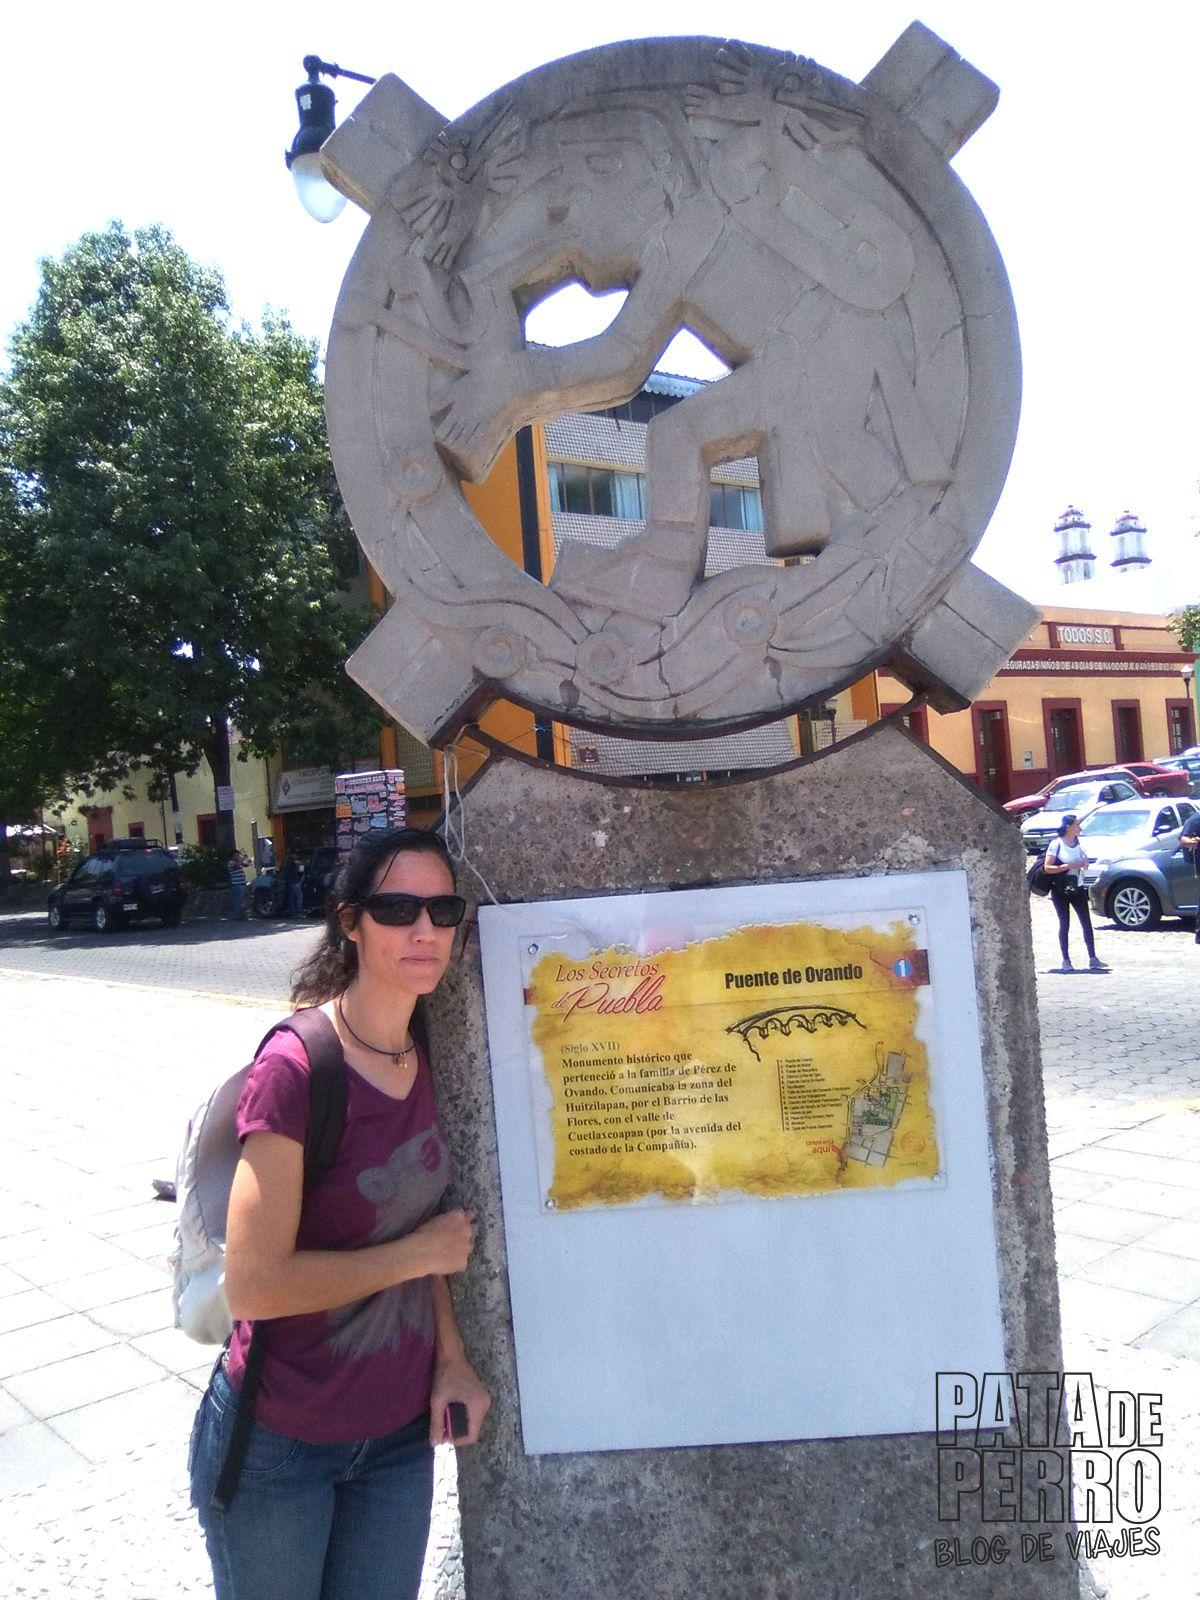 secretos de puebla puente de ovando pata de perro blog de viajes mexico